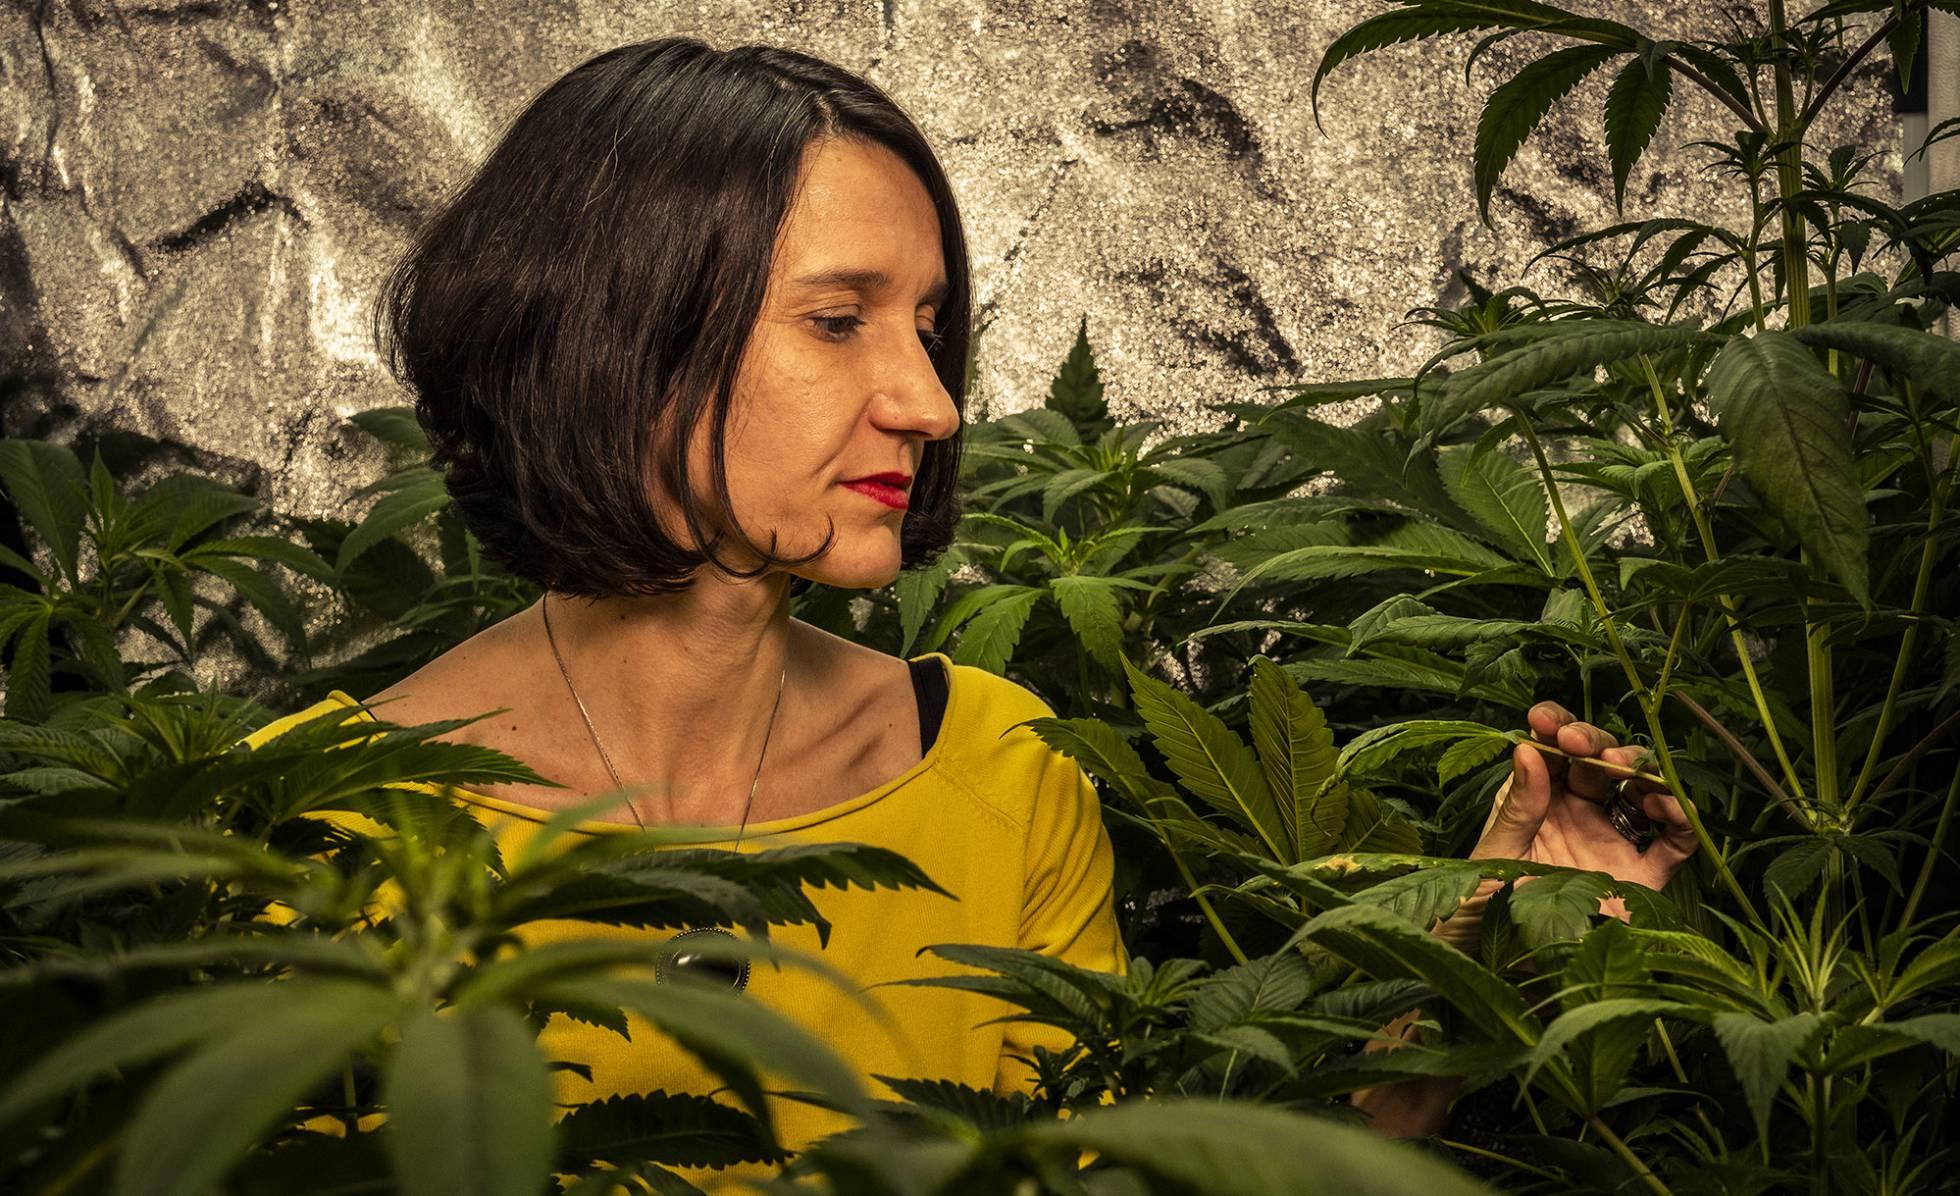 cannabis-el-negocio-millonario-que-apunta-a-convertirse-en-el-pelotazo-del-siglo